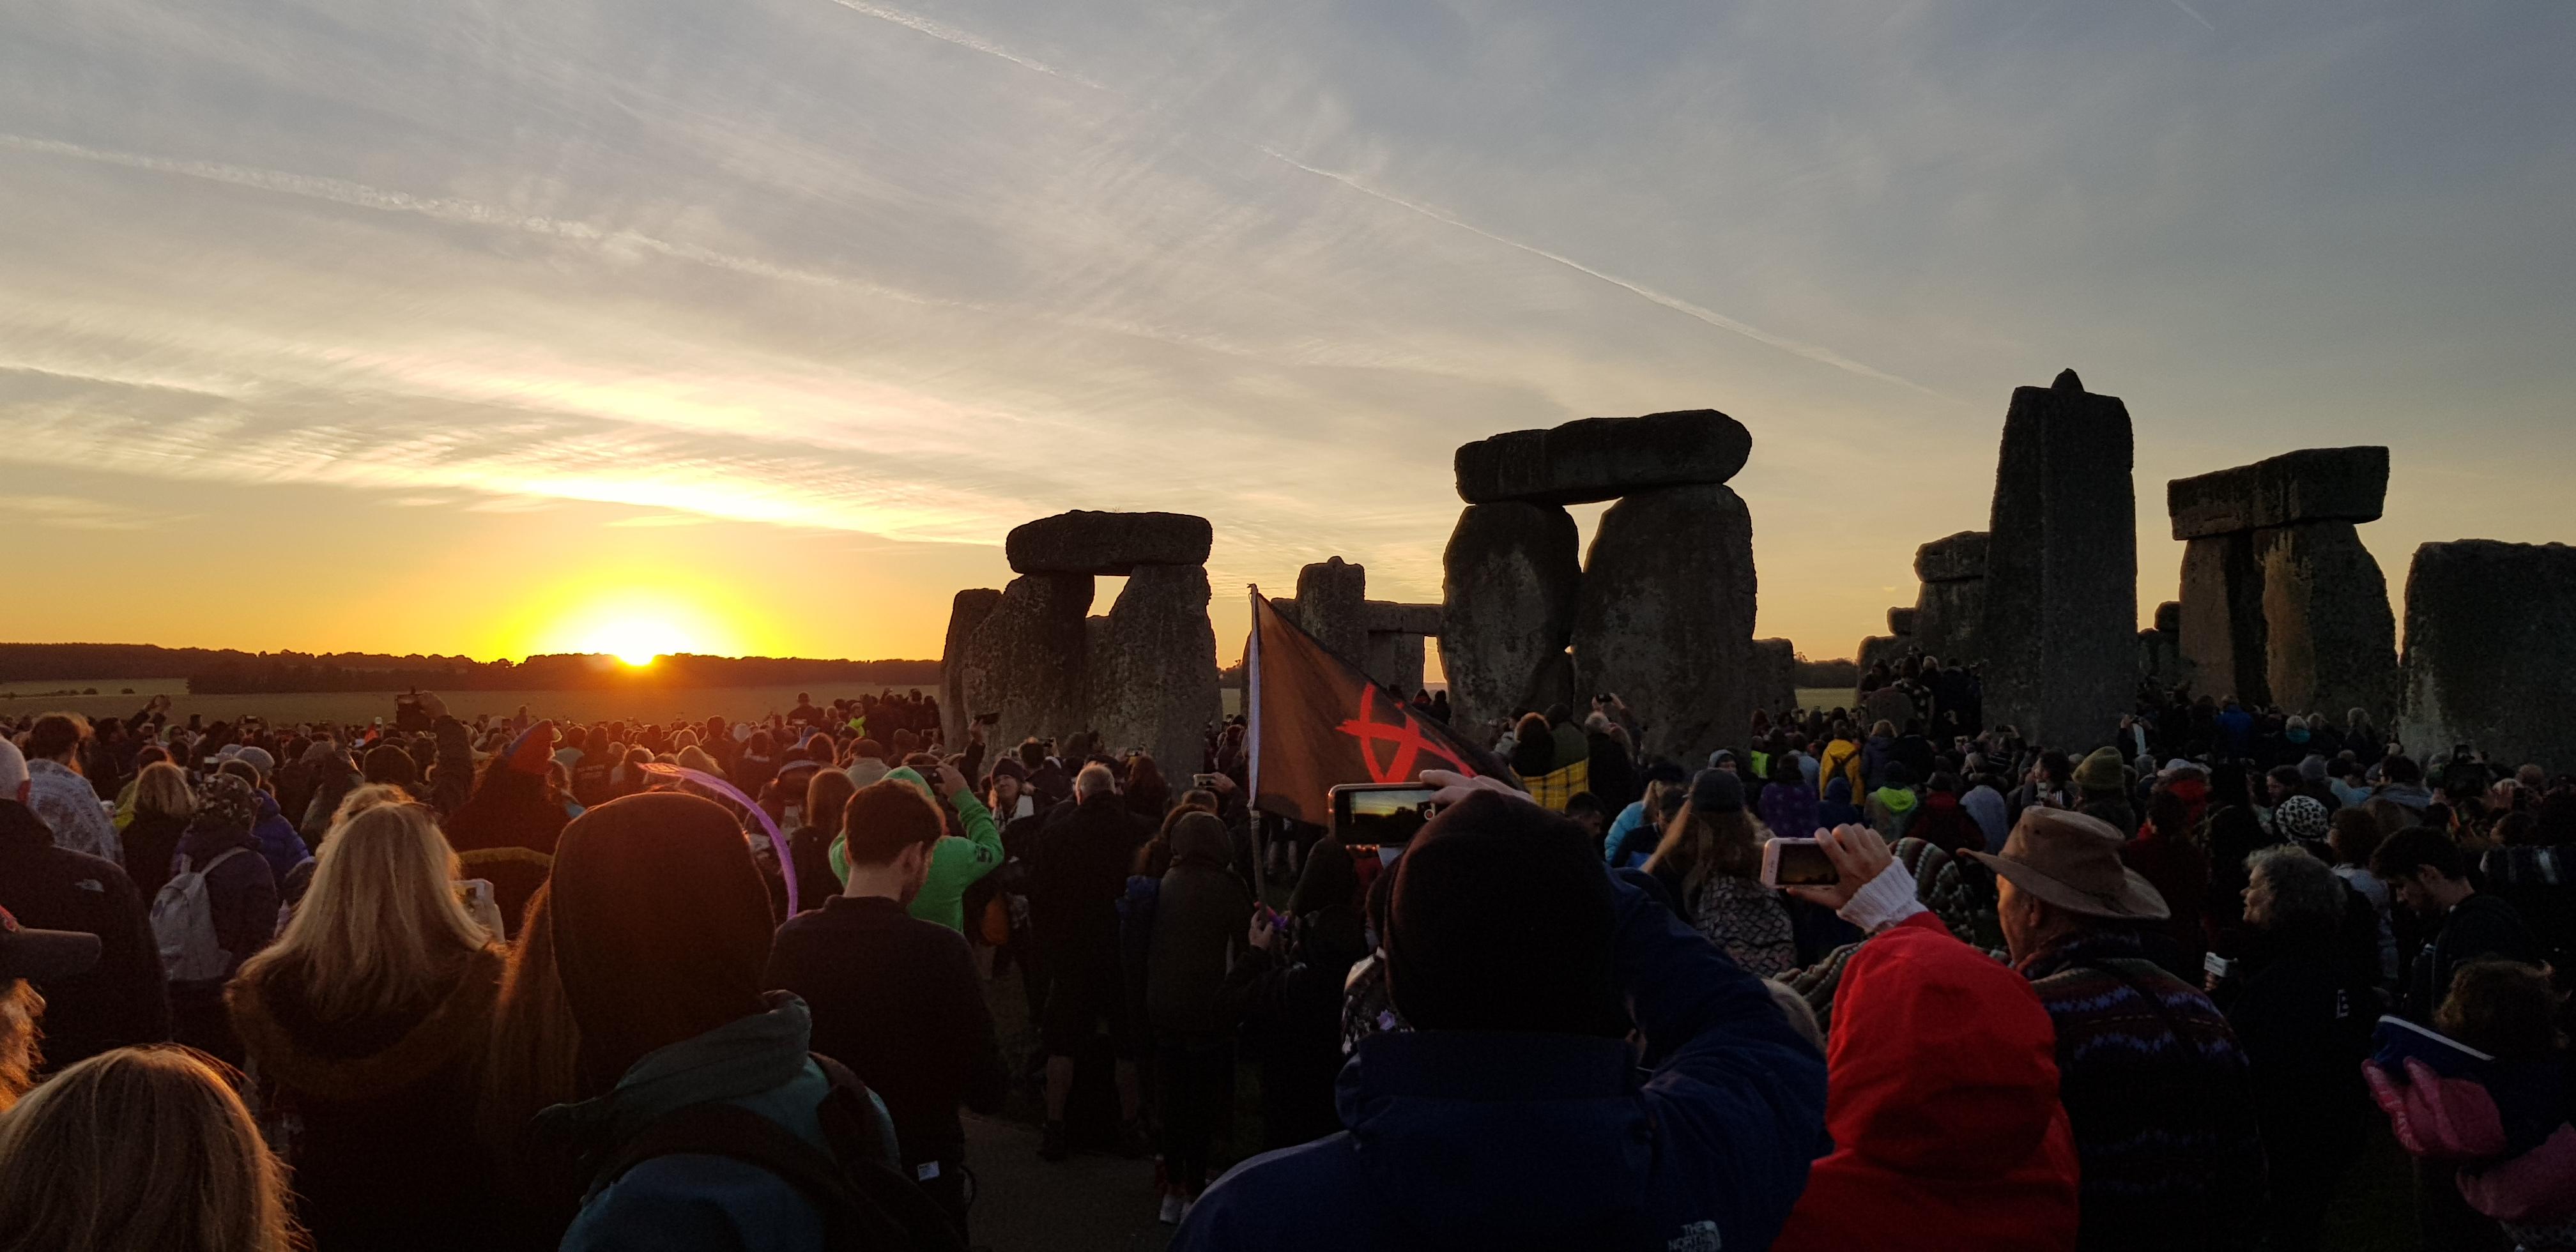 Summer Solstice Sunrise Celebrations at Stonehenge